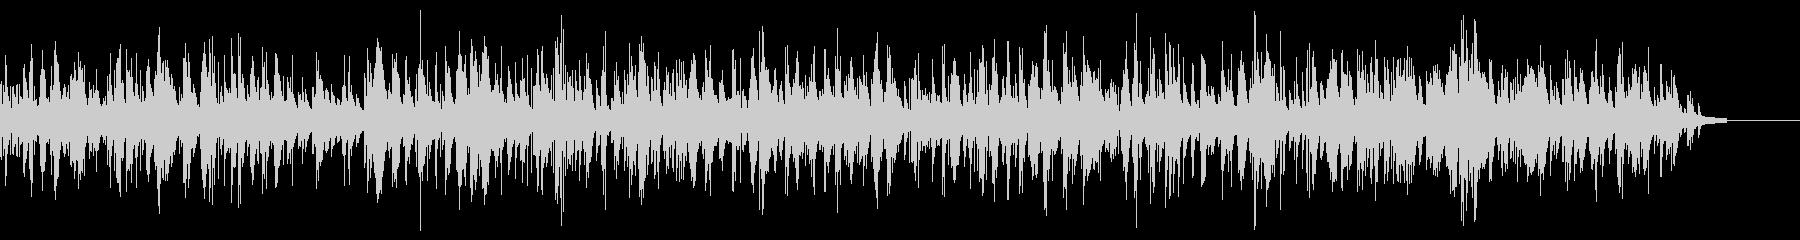 ラウンジのお洒落ジャズピアノバラードの未再生の波形